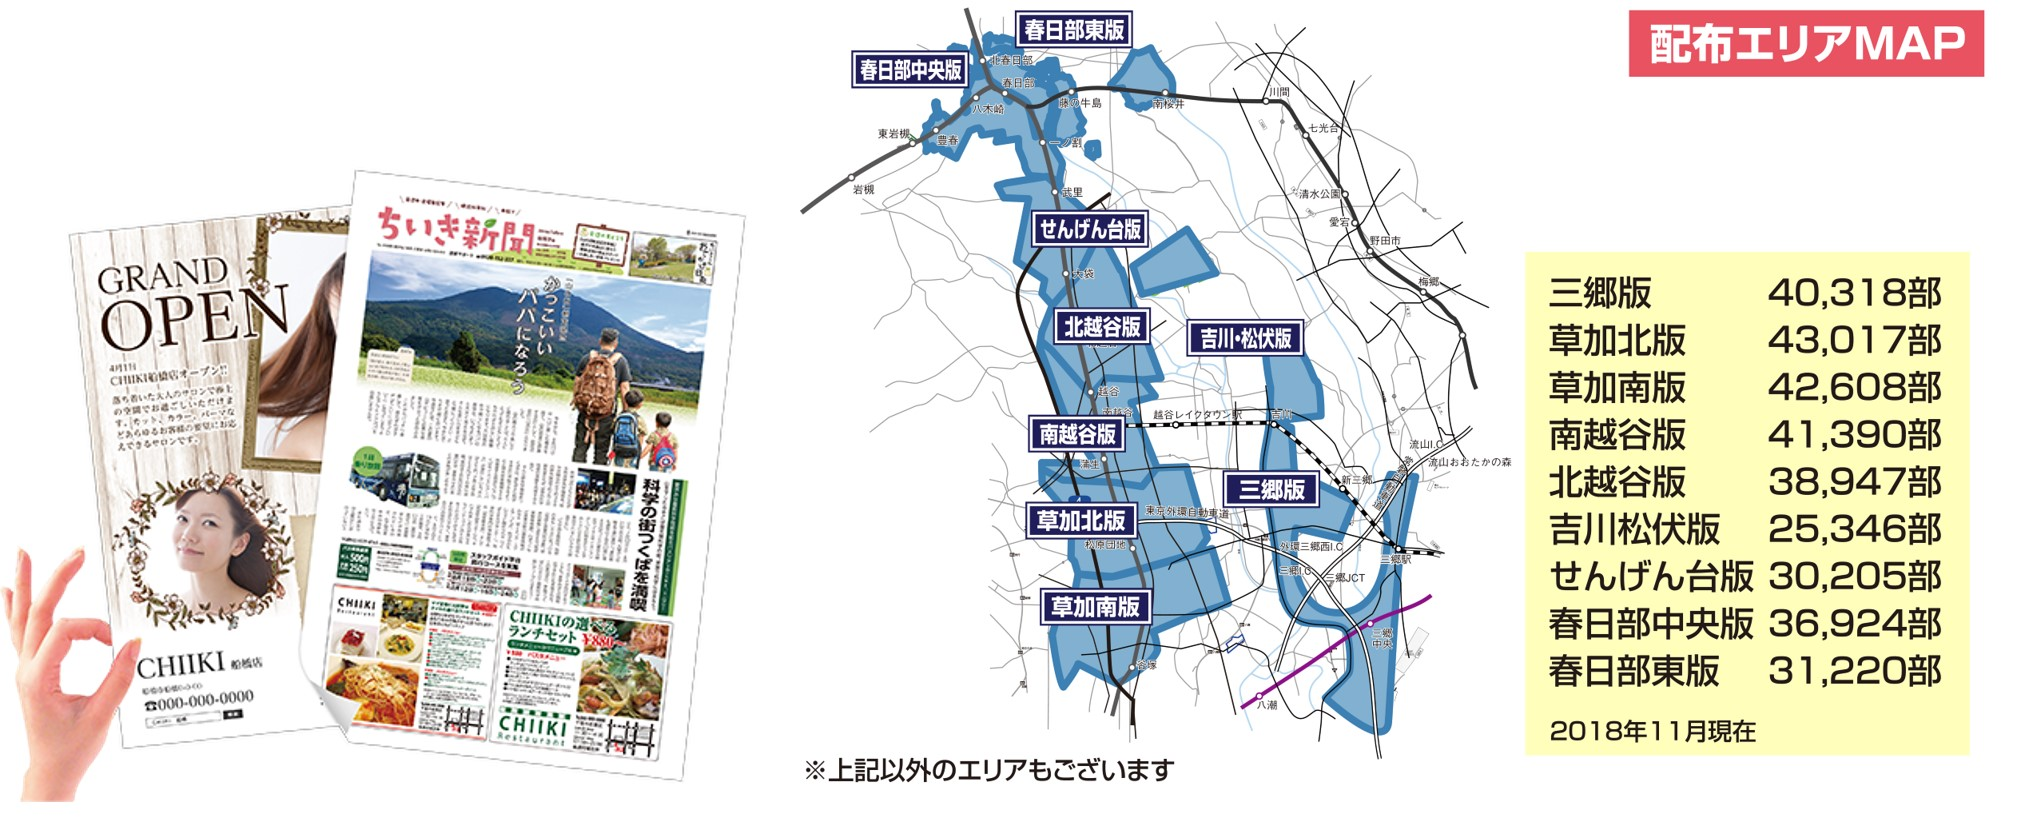 【三郷市 ポスティングエリアMAP・部数一覧】